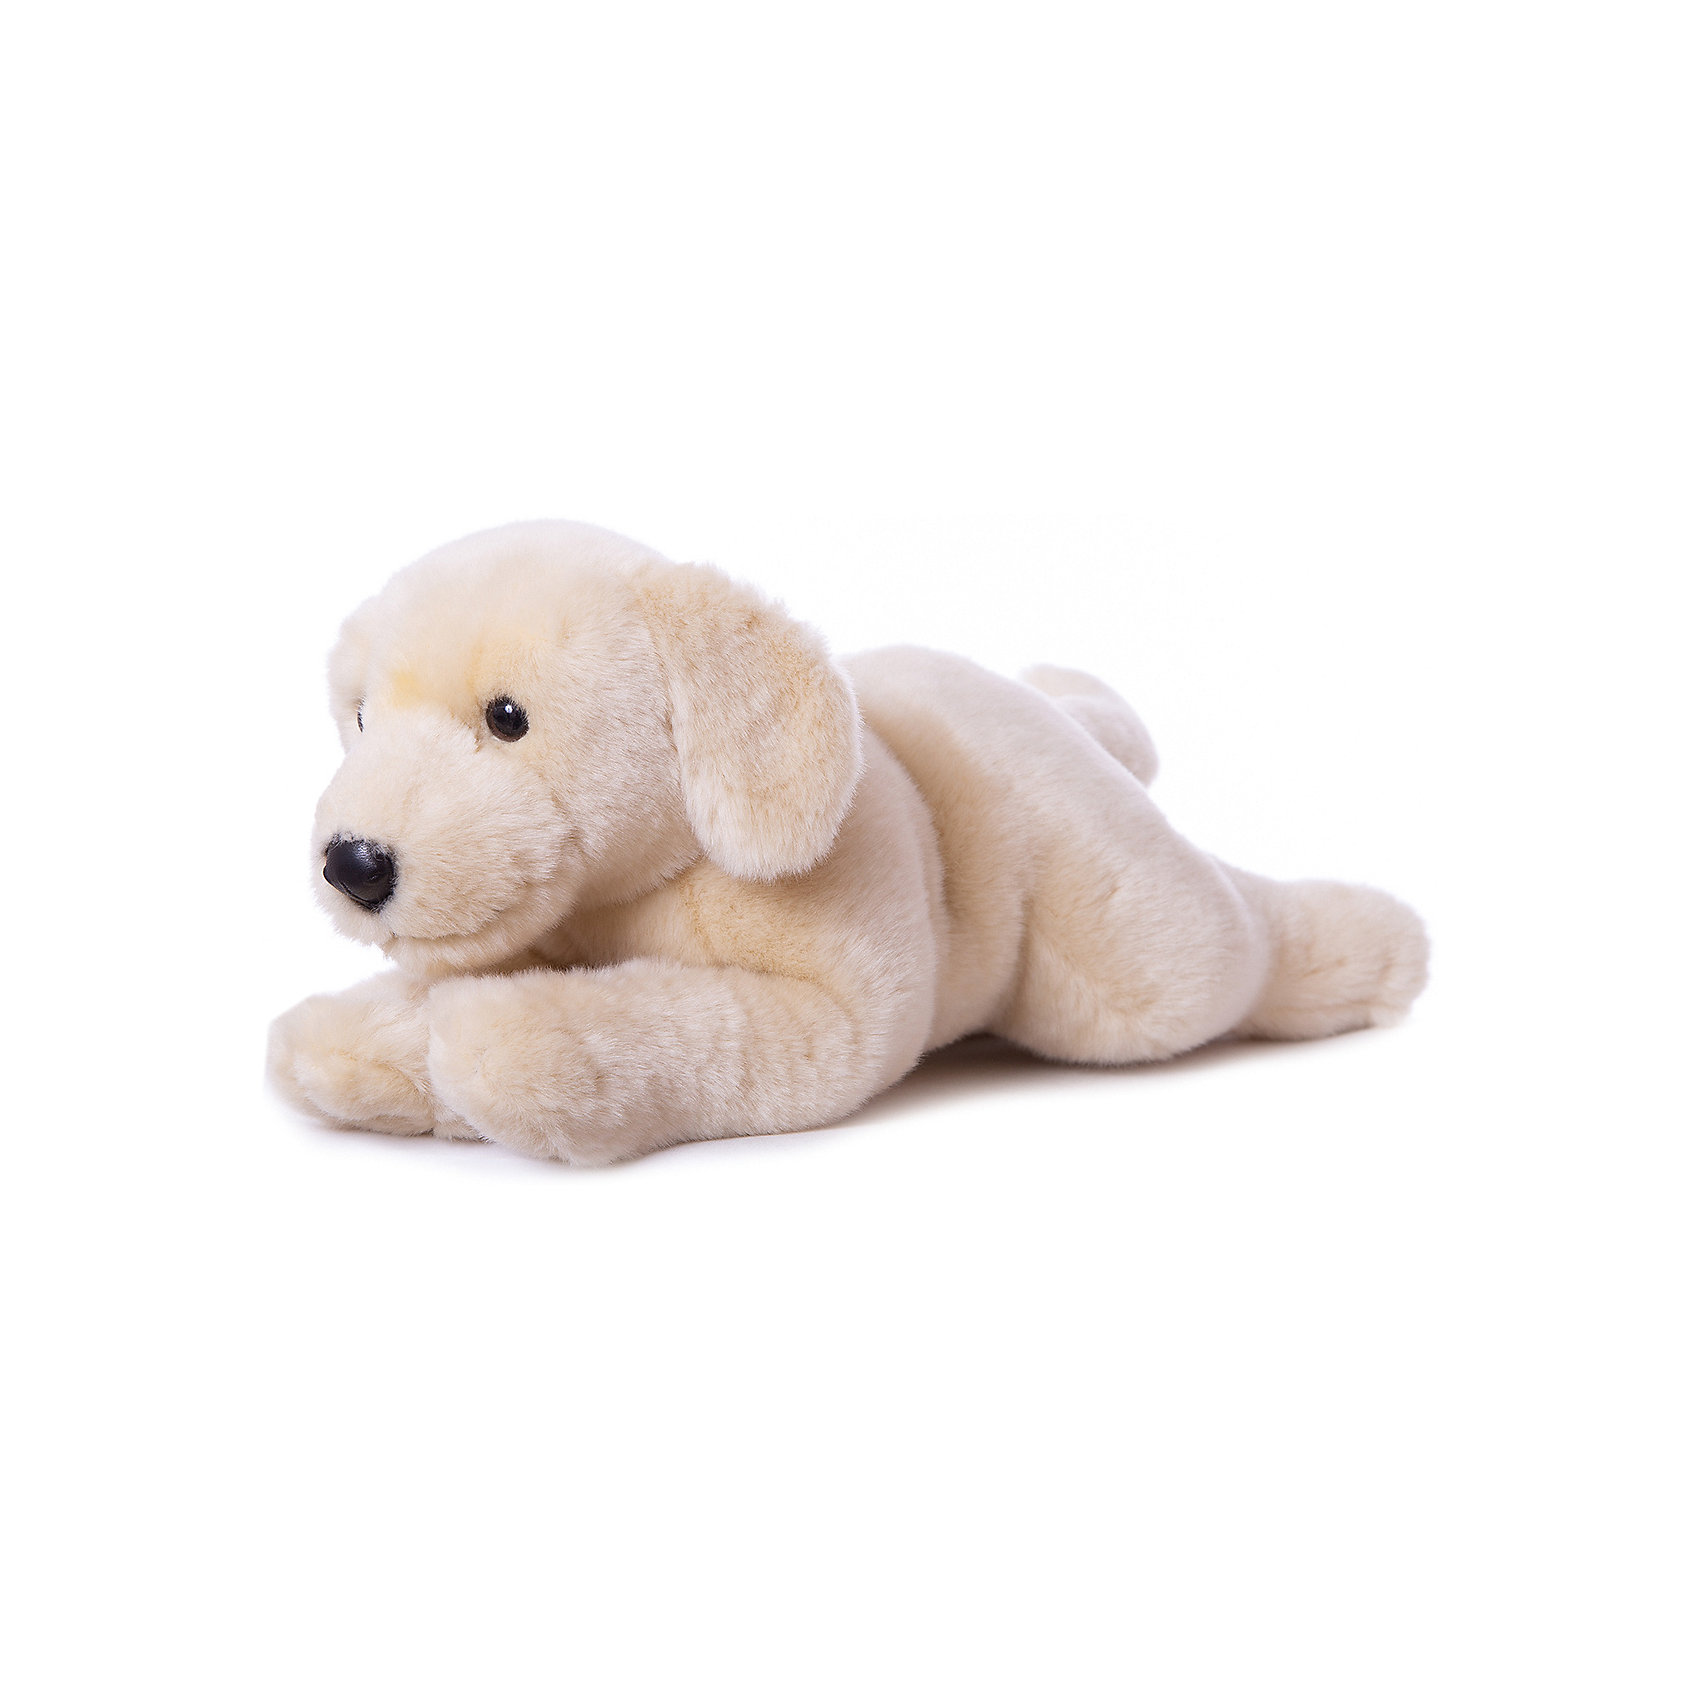 Бежевый лабрадор, 45 смБежевый лабрадор, 45 см – игрушка от знаменитого бренда Hansa, специализирующегося на выпуске мягких игрушек с высокой степенью натуралистичности. Внешний вид игрушечной собаки полностью соответствует породе реального прототипа. Игрушка выполнена в бежевом цвете из меха с ворсом средней длины, обладает гипоаллергенными свойствами. Внутри имеется металлический каркас, который позволяет изменять положение. Игрушка относится к серии Домашние животные. <br>Мягкие игрушки от Hansa подходят для сюжетно-ролевых игр или для обучающих игр. Кроме того, их можно использовать в качестве интерьерных игрушек. Игрушки от Hansa будут радовать вашего ребенка долгое время, так как ручная работа и качественные материалы гарантируют их долговечность и прочность.<br><br>Дополнительная информация:<br><br>- Вид игр: сюжетно-ролевые игры, коллекционирование, интерьерные игрушки<br>- Предназначение: для дома, для детских развивающих центров, для детских садов<br>- Материал: искусственный мех, наполнитель ? полиэфирное волокно<br>- Размер (ДхШхВ): 16*18*42 см<br>- Вес: 4 кг 515 г<br>- Особенности ухода: сухая чистка при помощи пылесоса или щетки для одежды<br><br>Подробнее:<br><br>• Для детей в возрасте: от 3 лет <br>• Страна производитель: Филиппины<br>• Торговый бренд: Hansa<br><br>Бежевого лабрадора, 45 см можно купить в нашем интернет-магазине.<br><br>Ширина мм: 16<br>Глубина мм: 18<br>Высота мм: 42<br>Вес г: 4515<br>Возраст от месяцев: 36<br>Возраст до месяцев: 2147483647<br>Пол: Унисекс<br>Возраст: Детский<br>SKU: 4927171